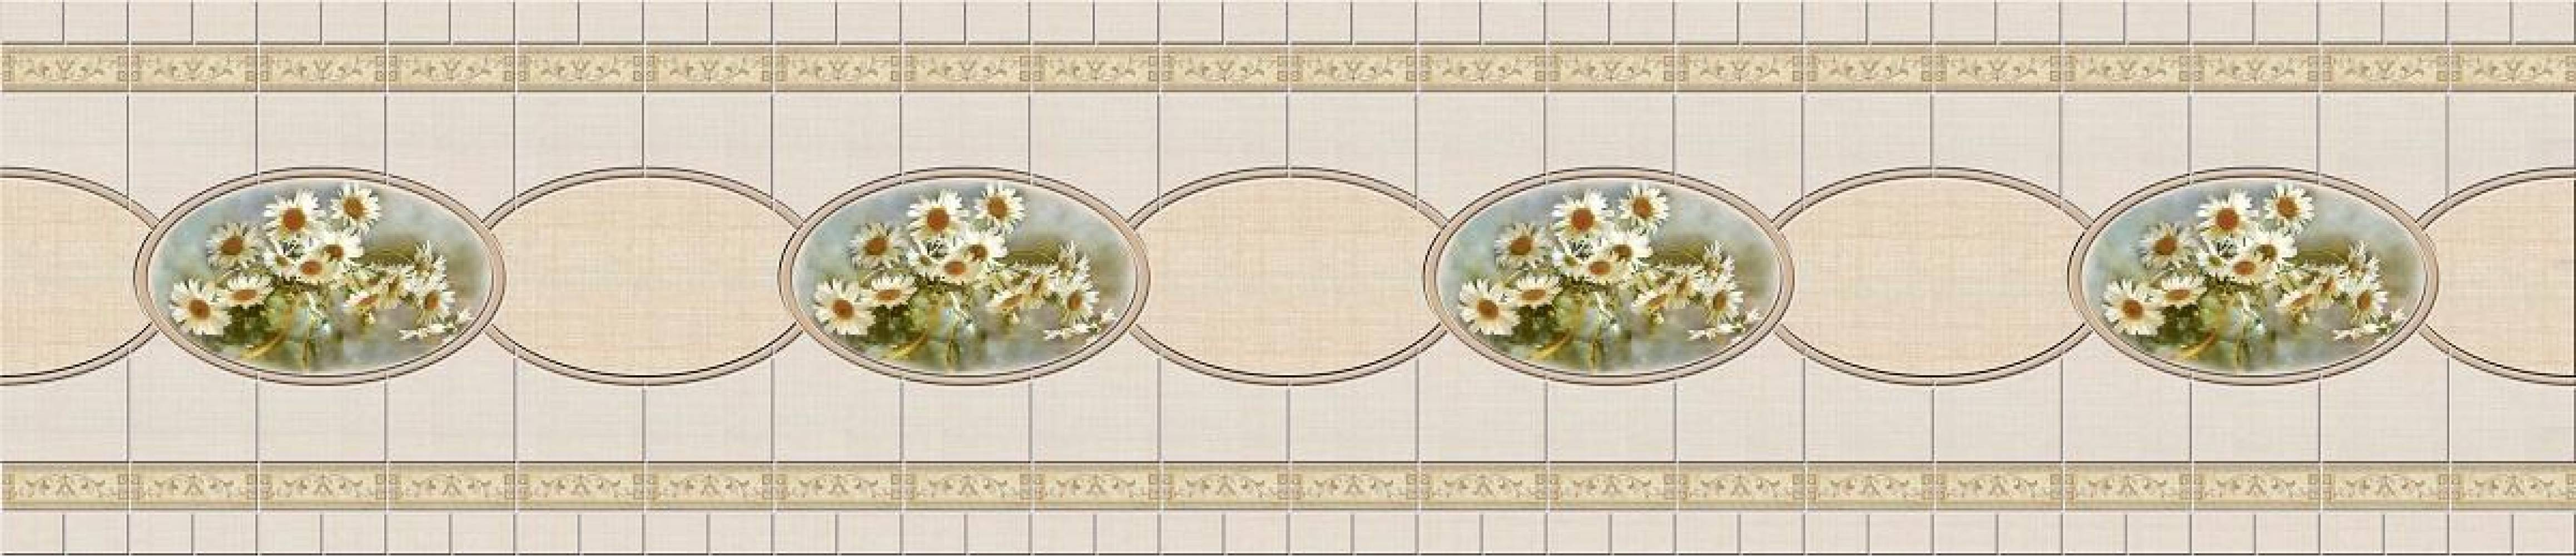 Кухонная панель SP-023 Глянцевая ALBICO